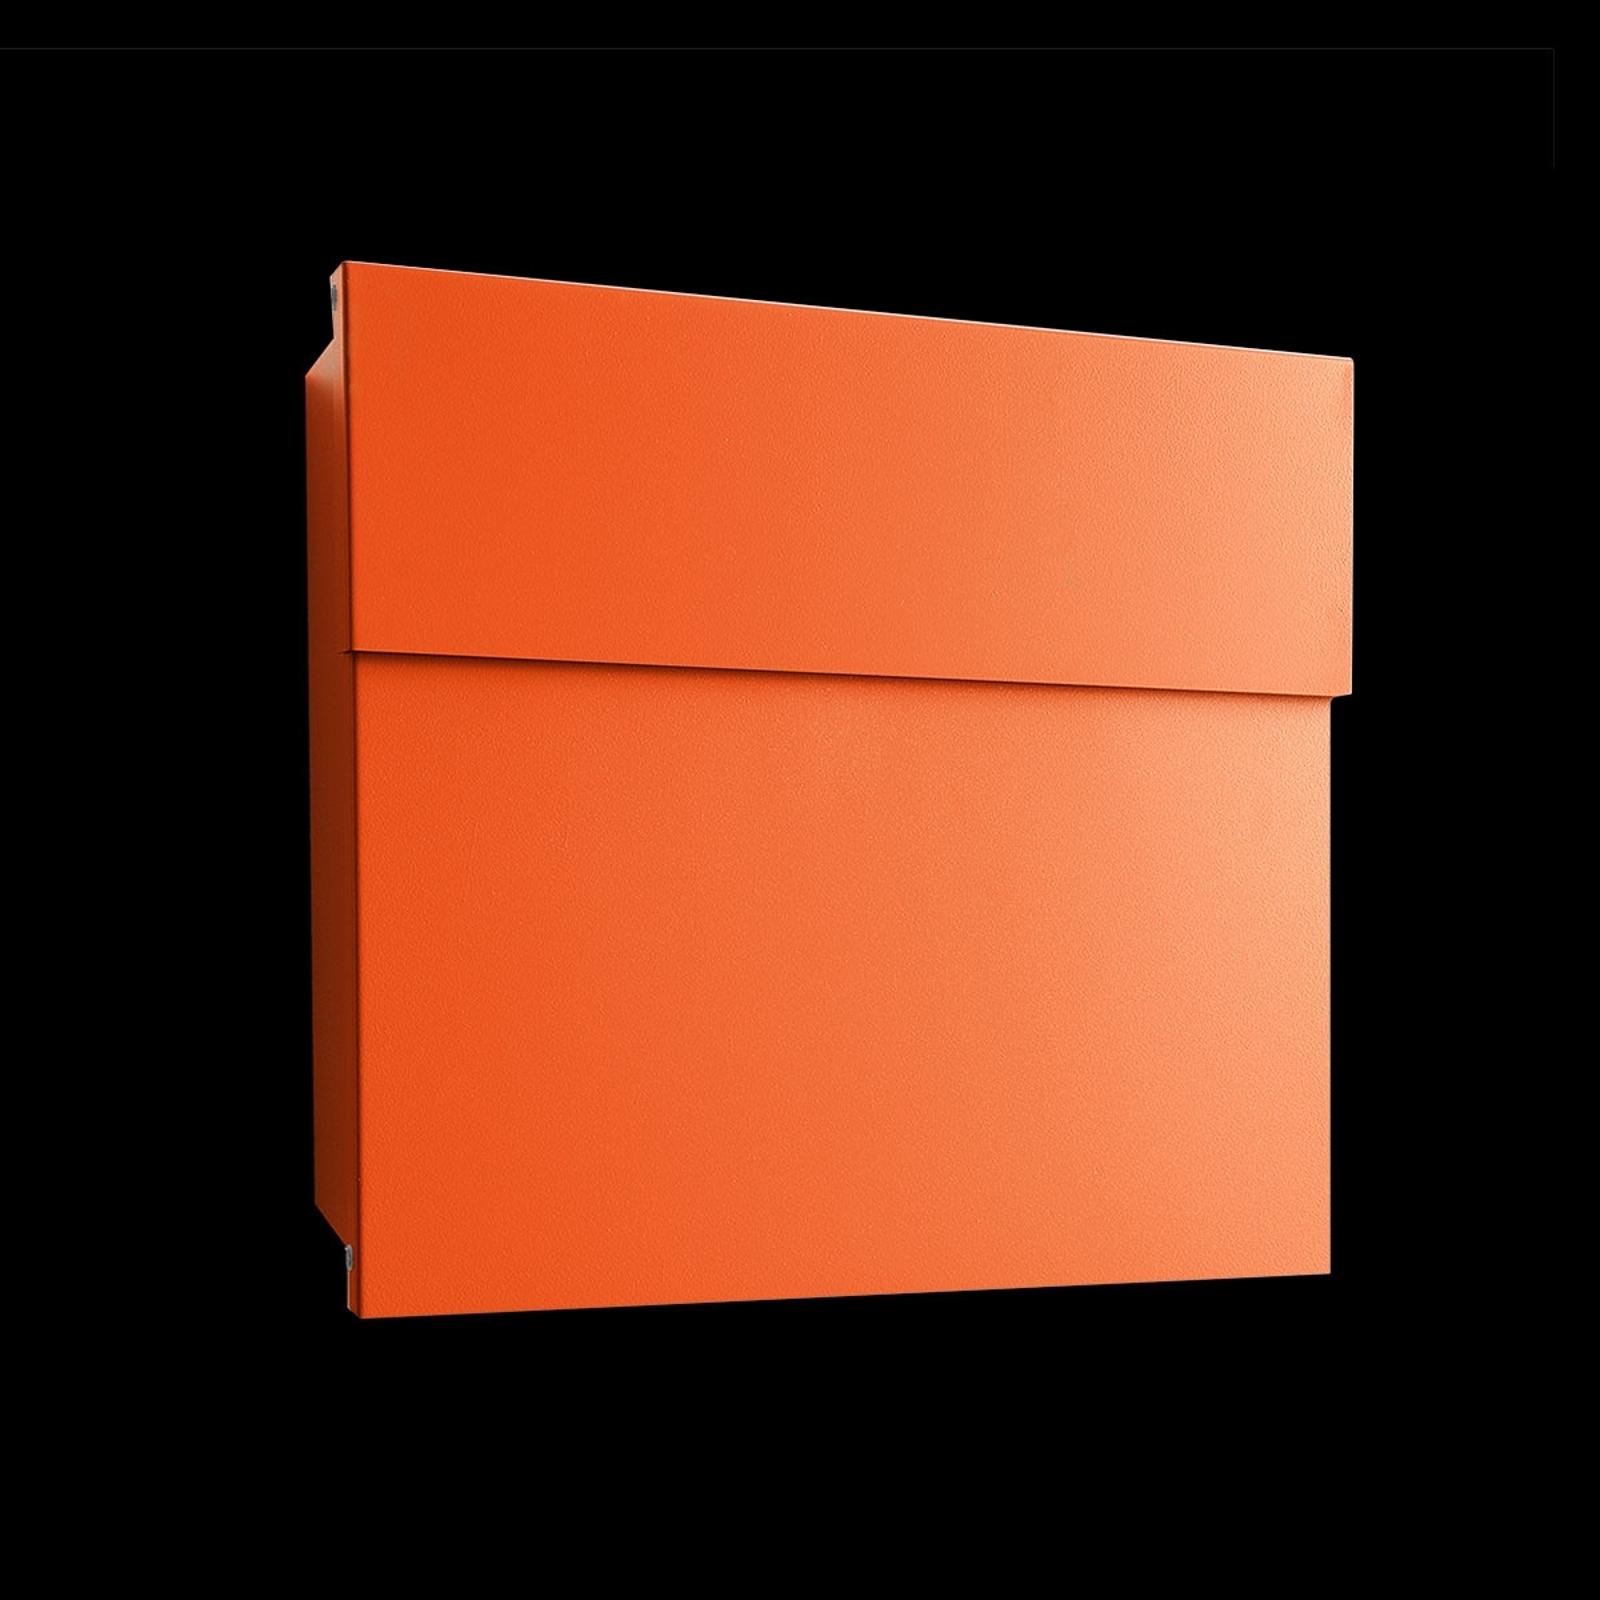 Praktisk designer brevkasse Letterman IV, orange